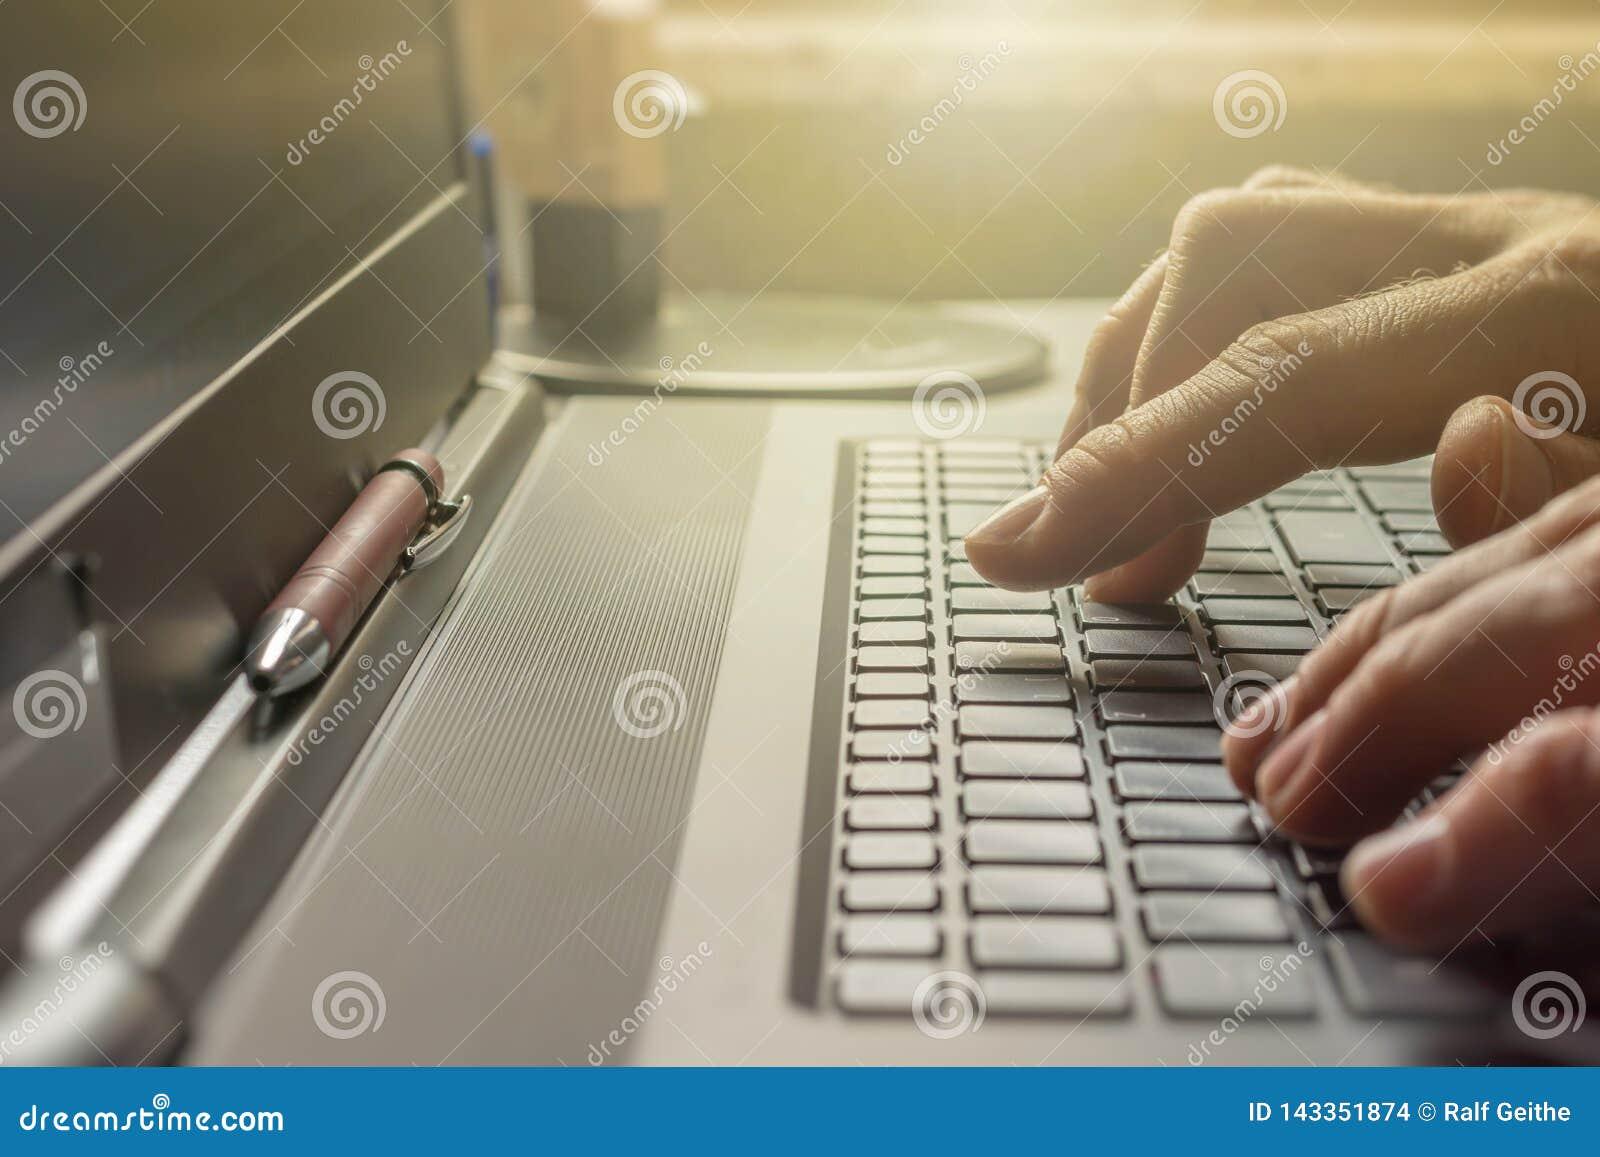 Mann schreibt auf der Tastatur seines Laptops im Büro